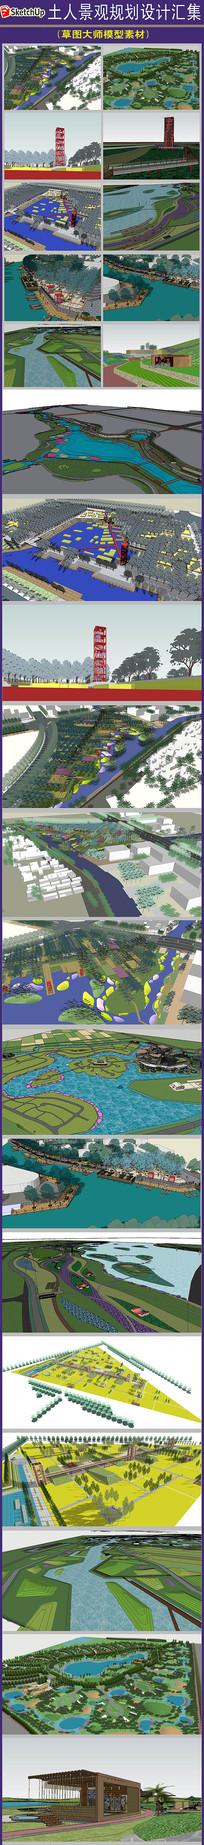 土人景观规划汇集SU模型